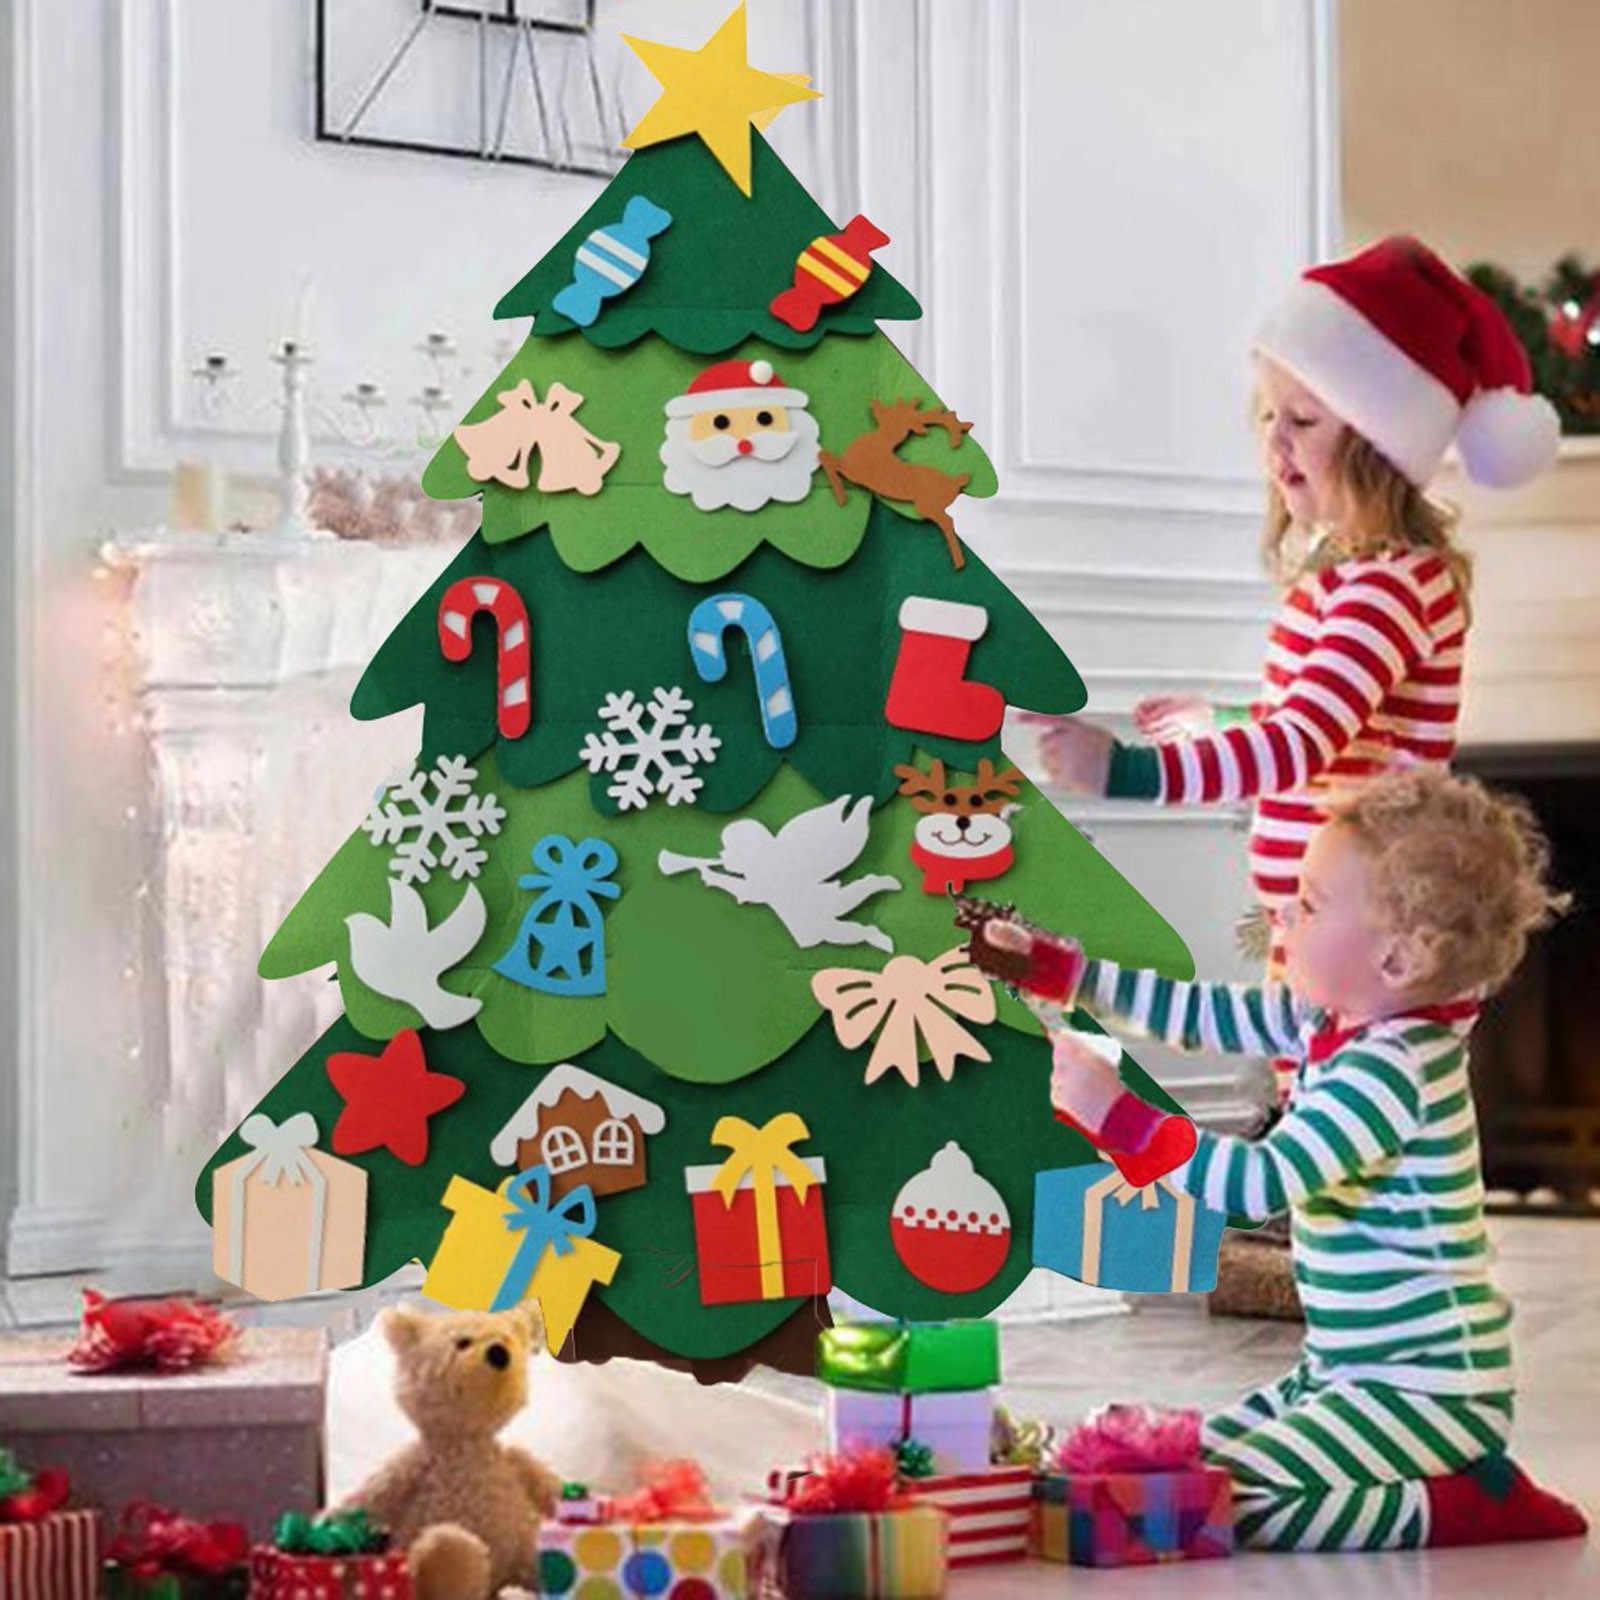 Albero Di Natale X Bambini.Fai Da Te Feltro Di Natale Albero Di Natale Decorazione Babbo Natale Per Bambini Giocattoli Di Natale Decorazione Per La Casa 2021 Di Natale Appeso Ornamenti Nuovo Anno 2021 Regalo Pendenti E Decorazioni